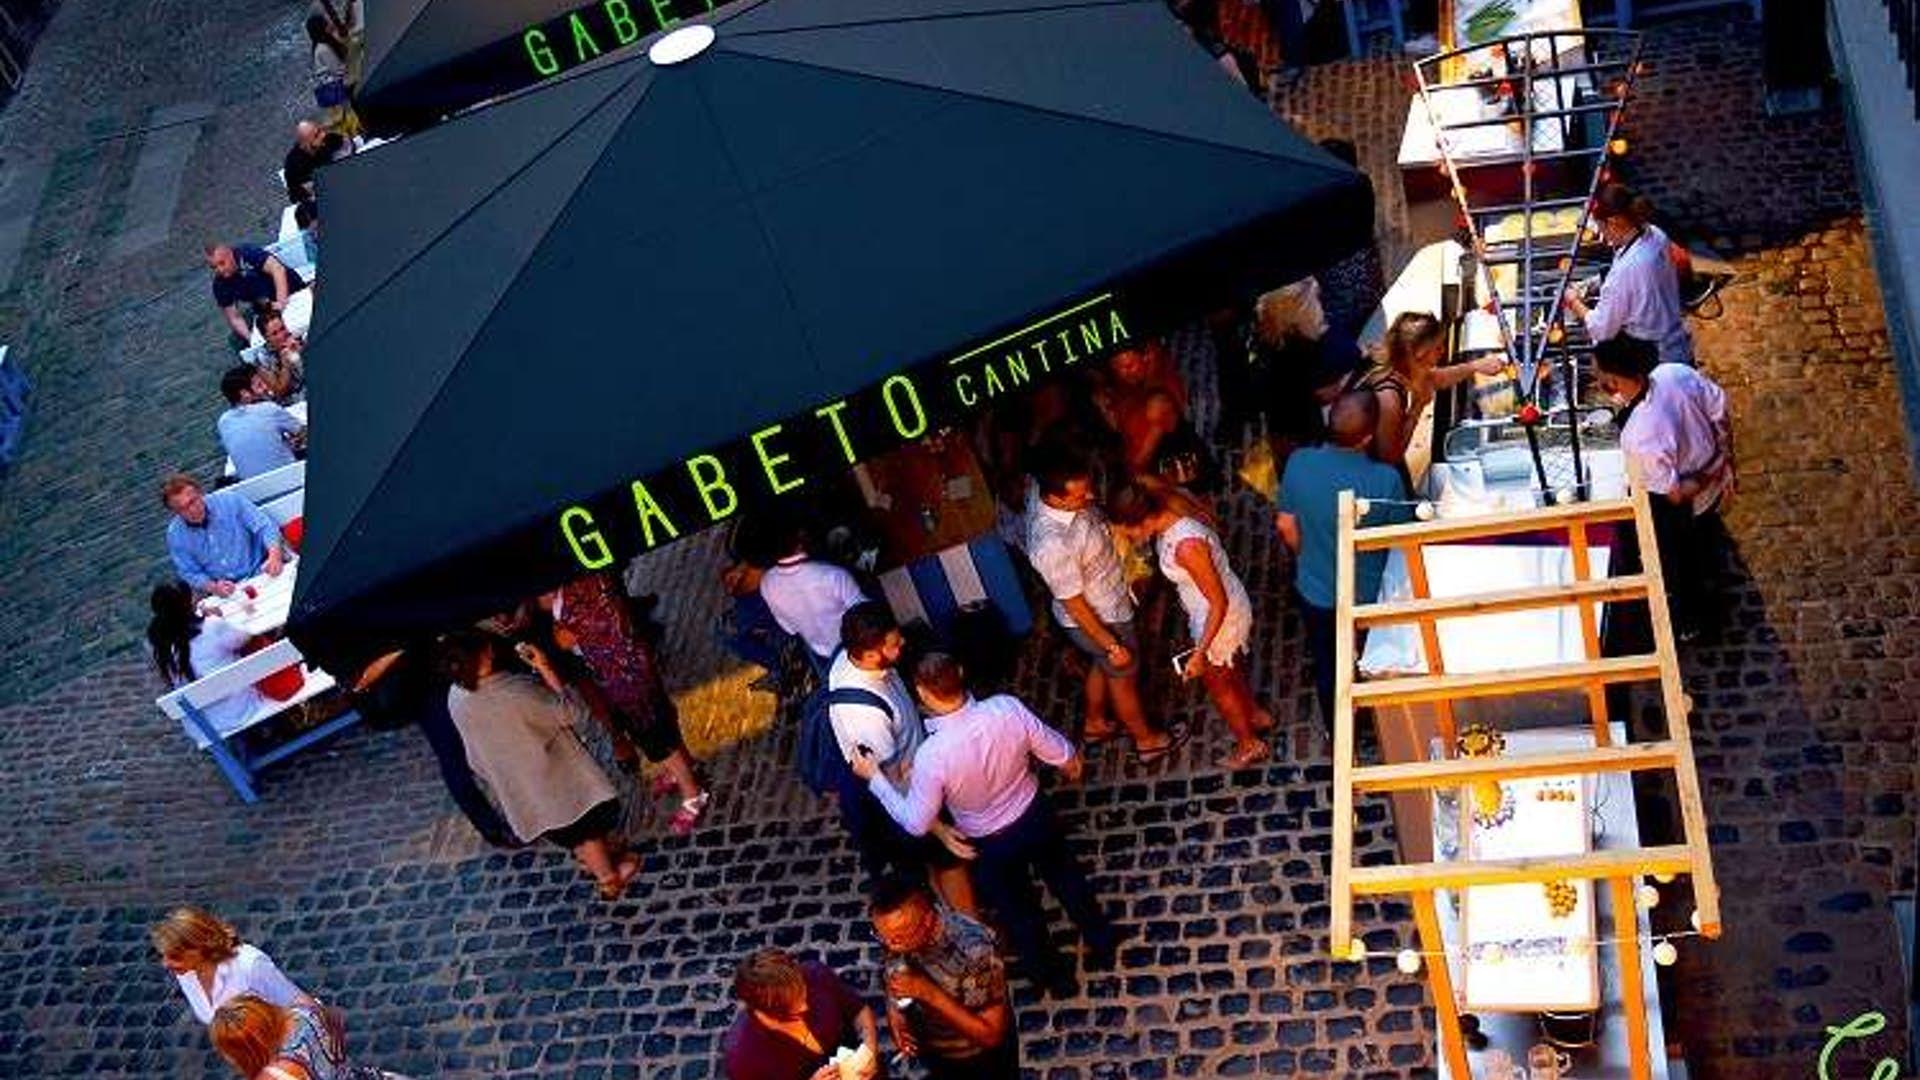 Gabeto for hire